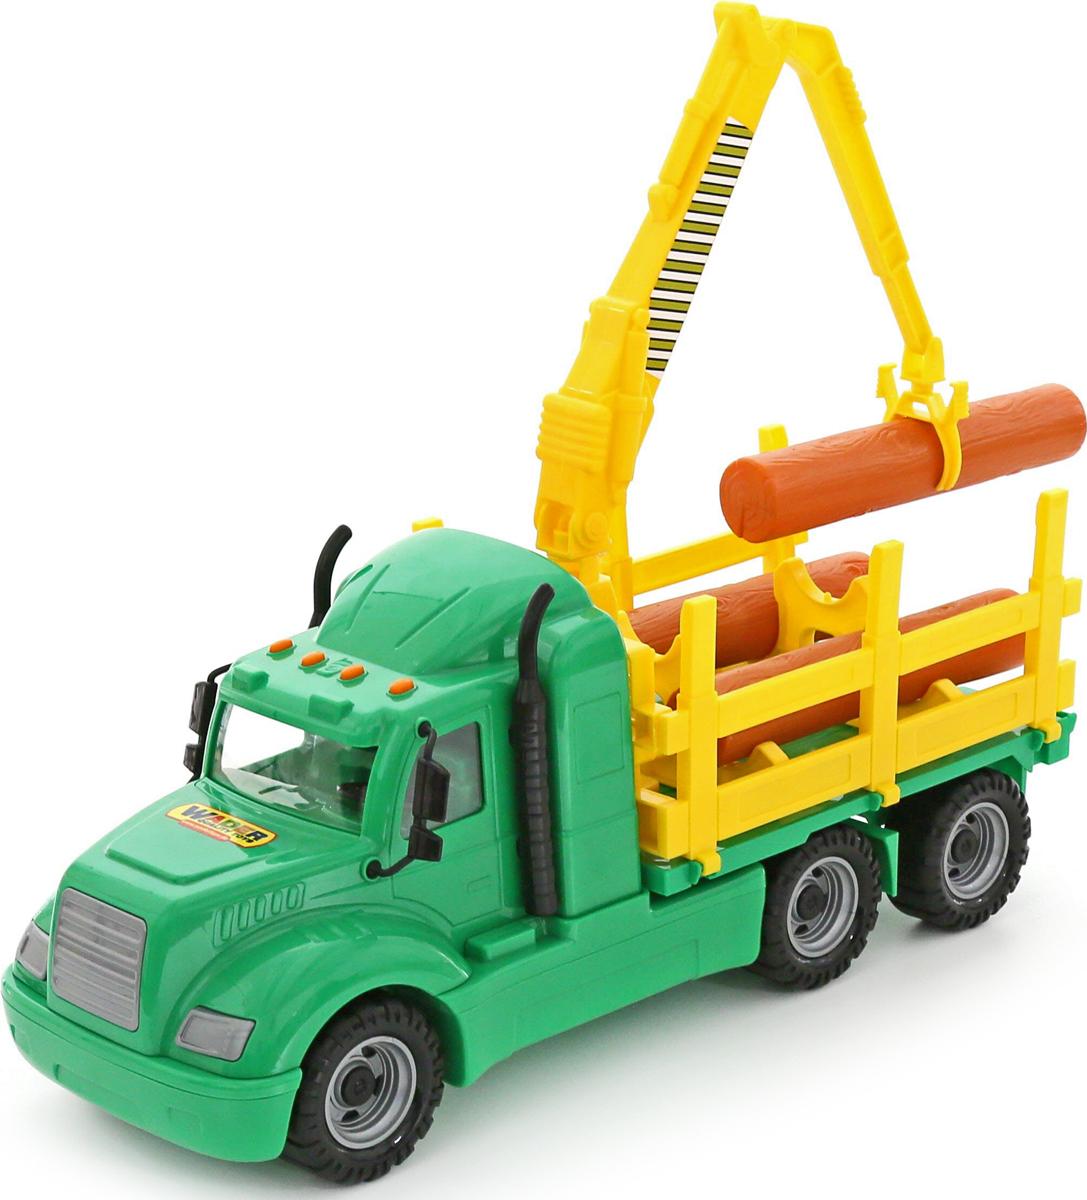 Полесье Лесовоз Майк цвет зеленый желтый автомобиль пожарный полесье майк в коробке 61973